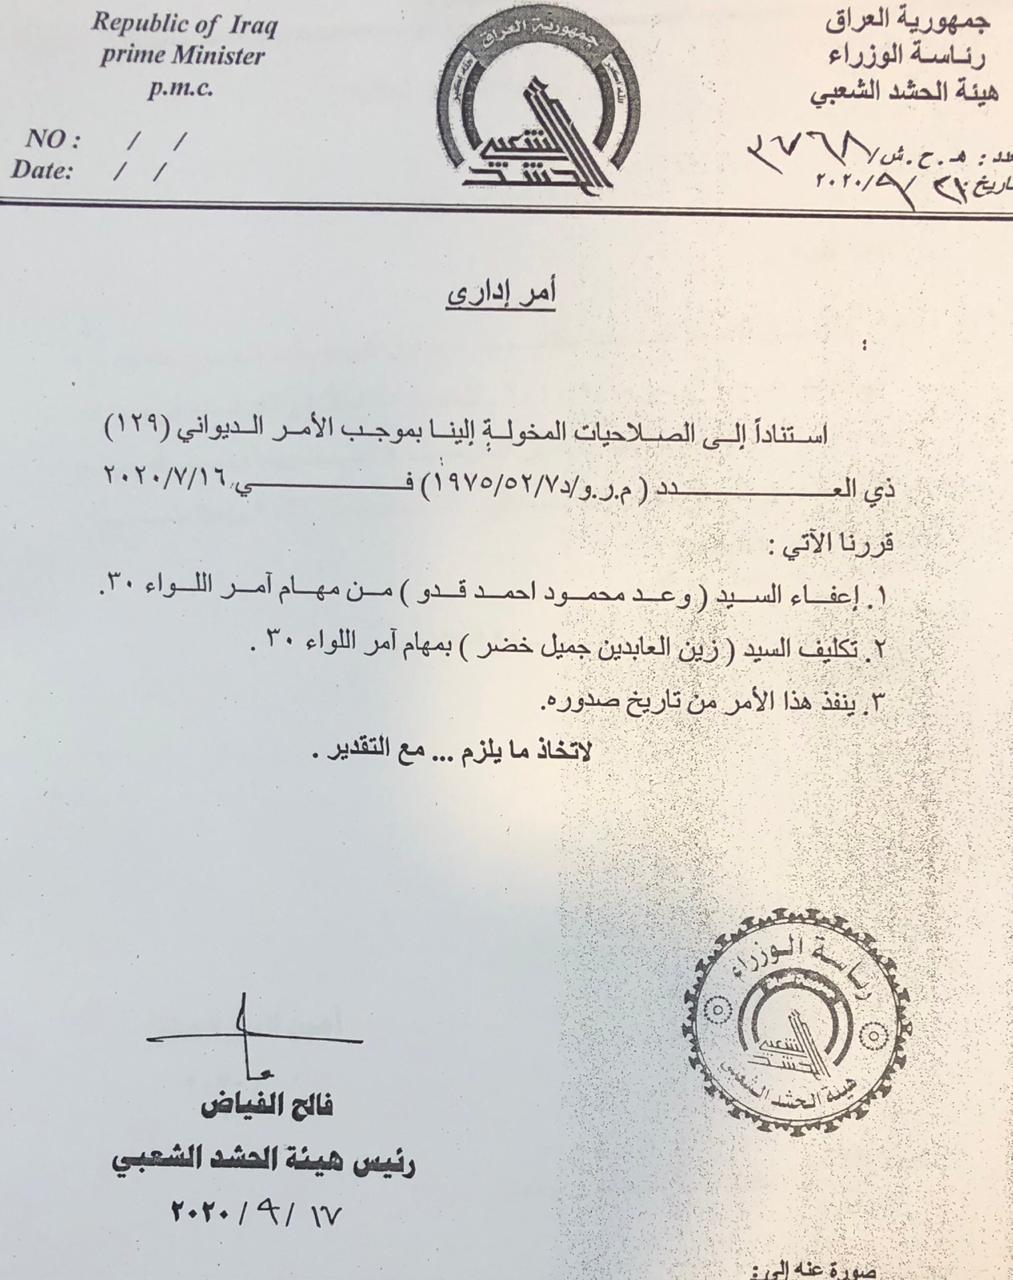 بالوثائق .. الحشد الشعبي ينهي تكليف امر اللواء 18 و 30 ويكلف بدلاء